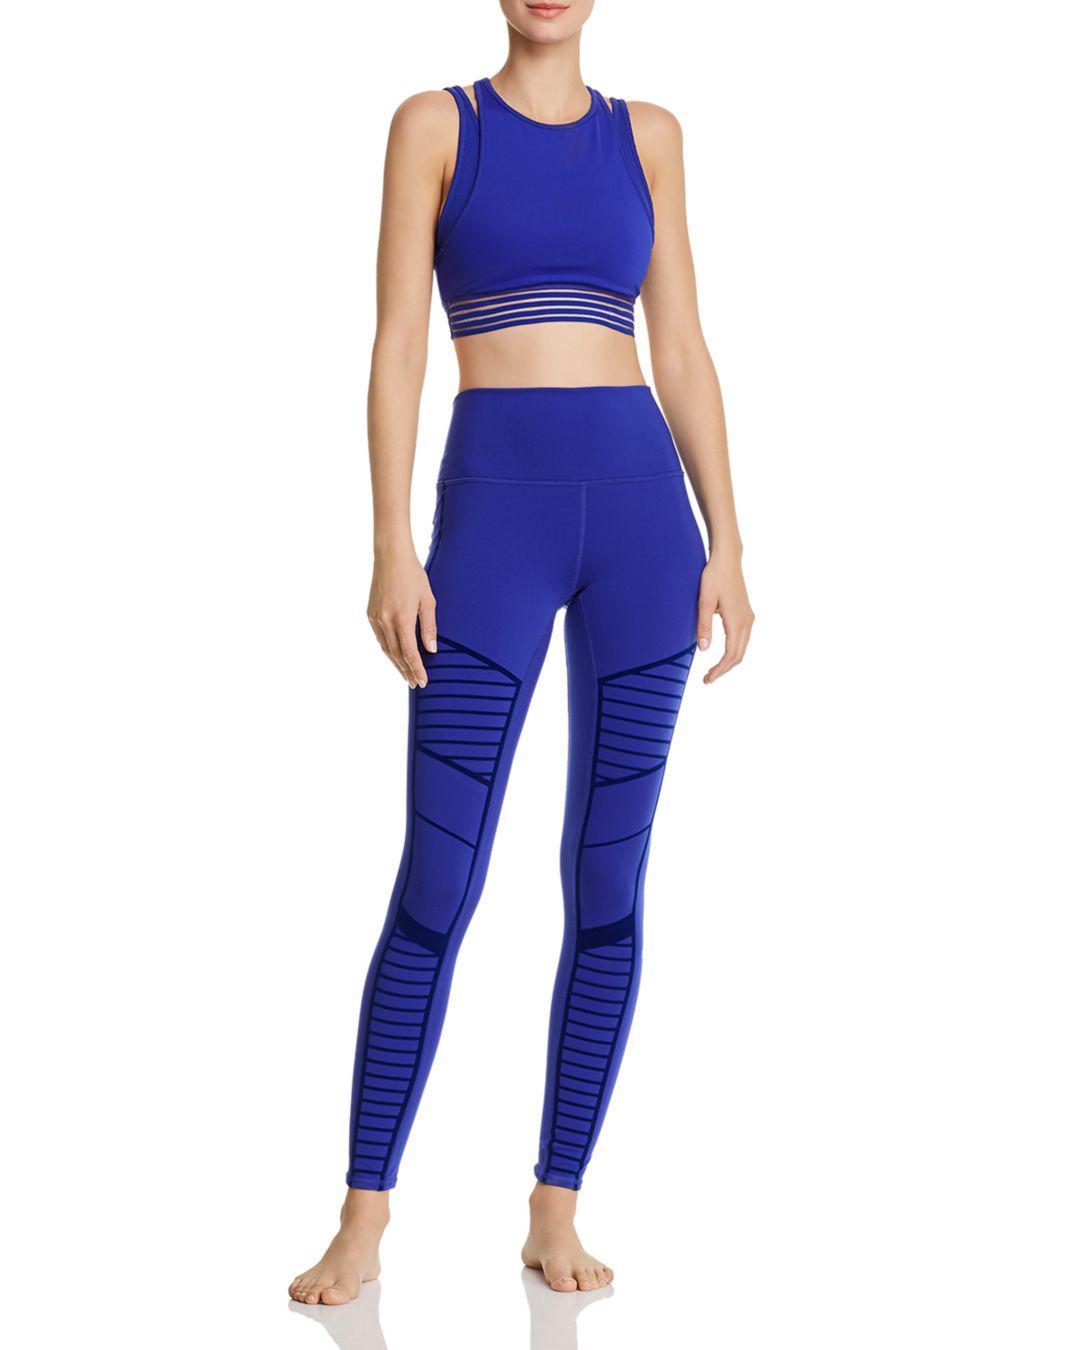 64ed7e23a4 Lyst - Alo Yoga Flocked Moto Leggings in Purple - Save 20%